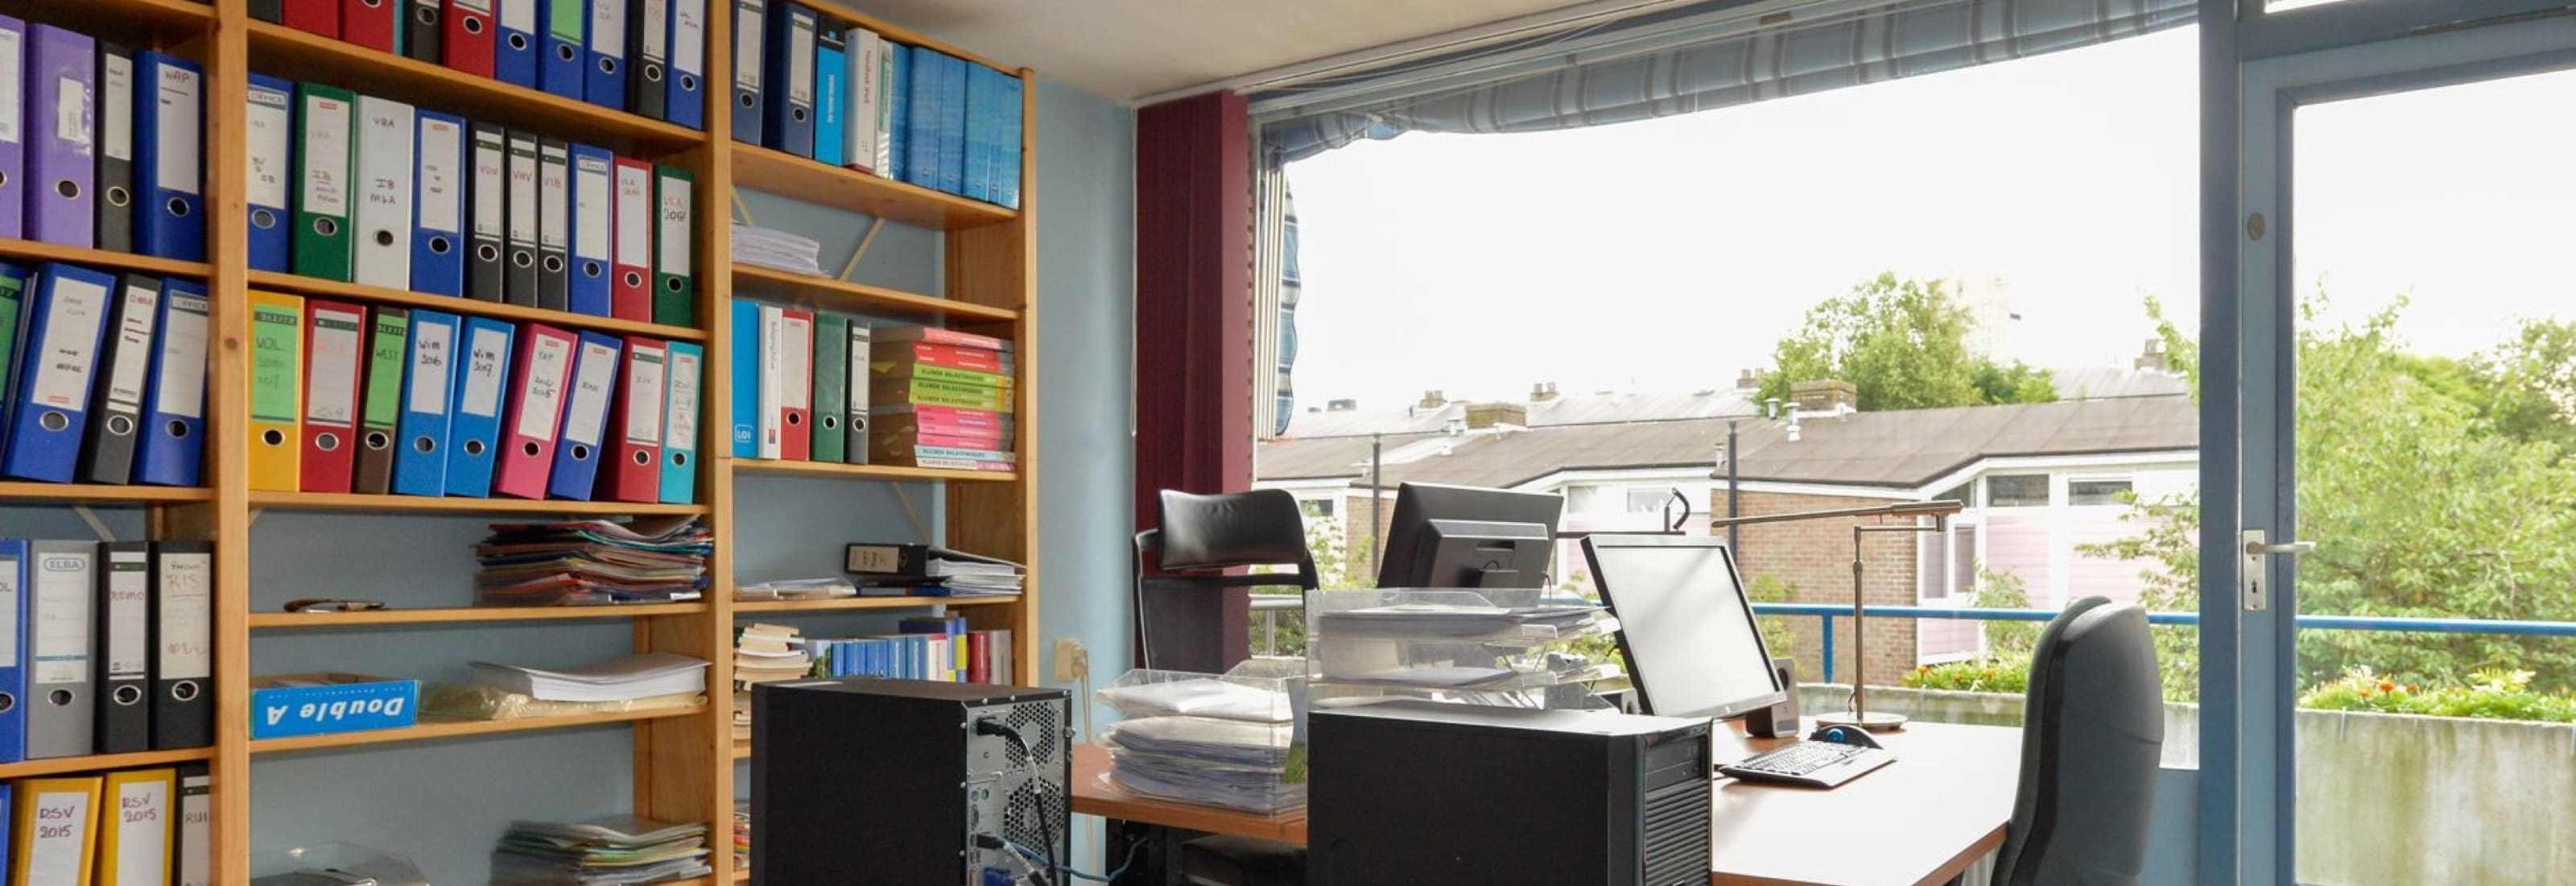 De Poolleeuw - administratiekantoor in Schipluiden